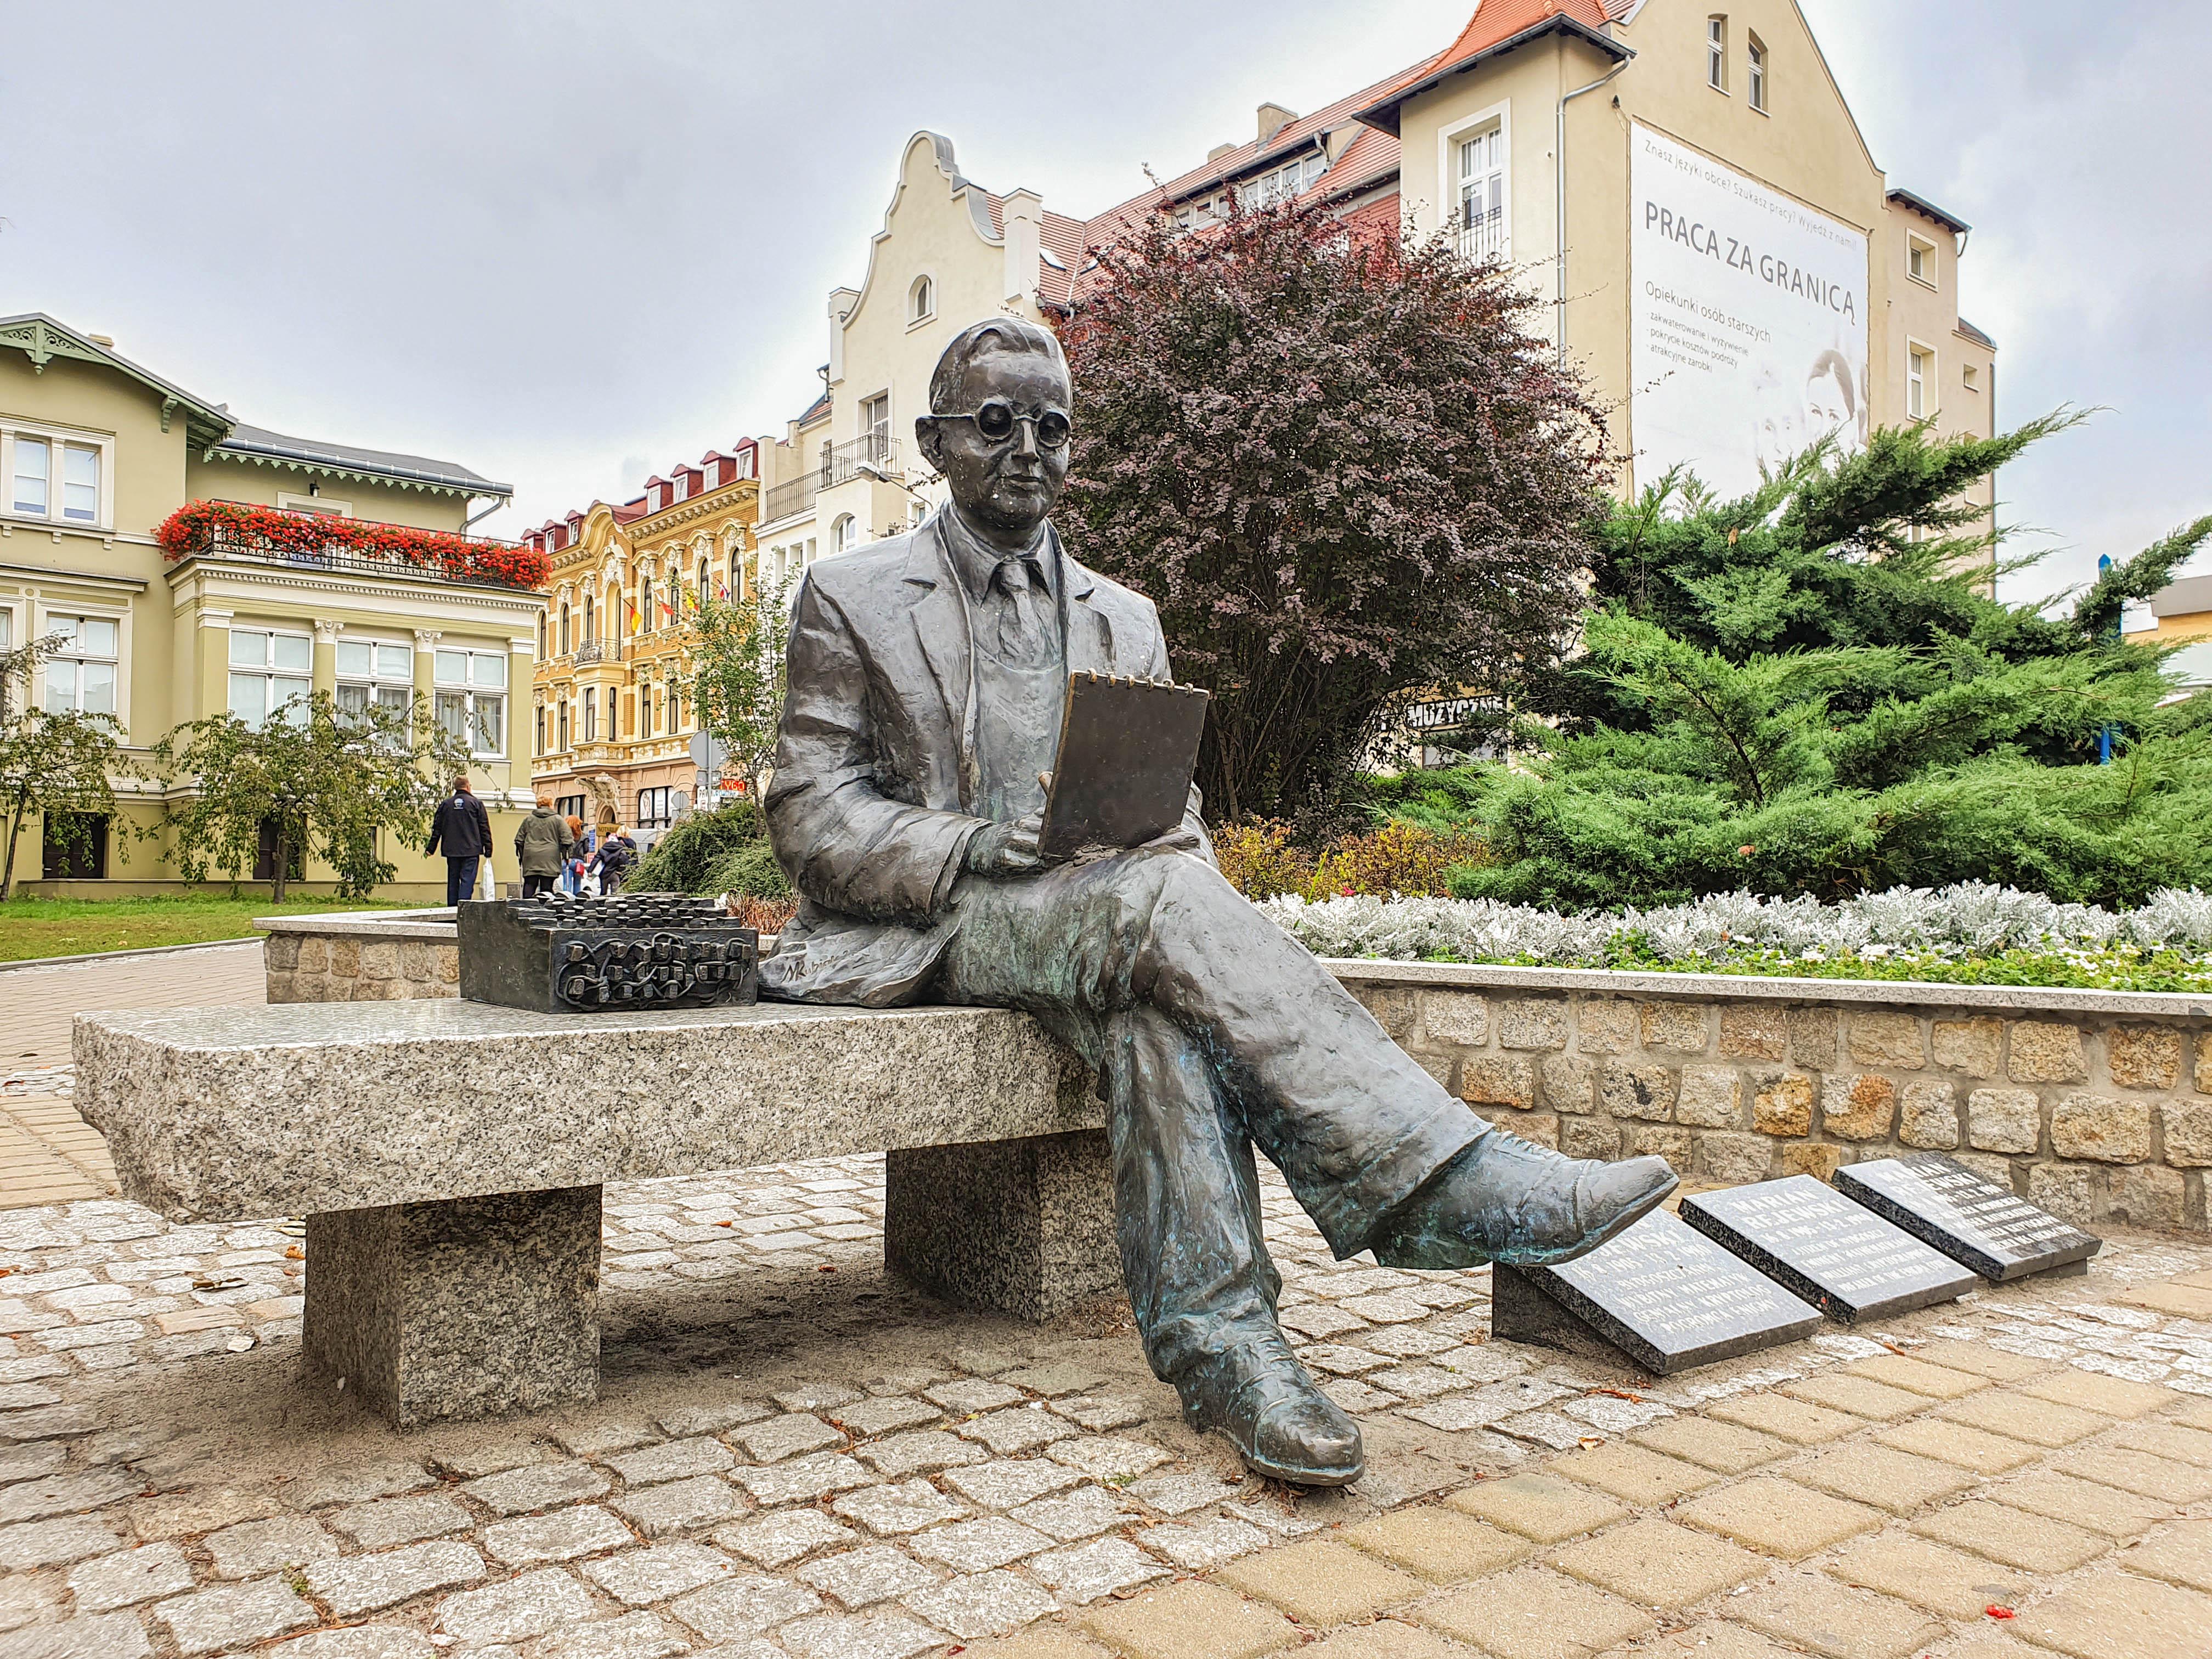 מריאן גראייבסקי, מתמטיקאי פולני שסייע לפצח את האניגמה